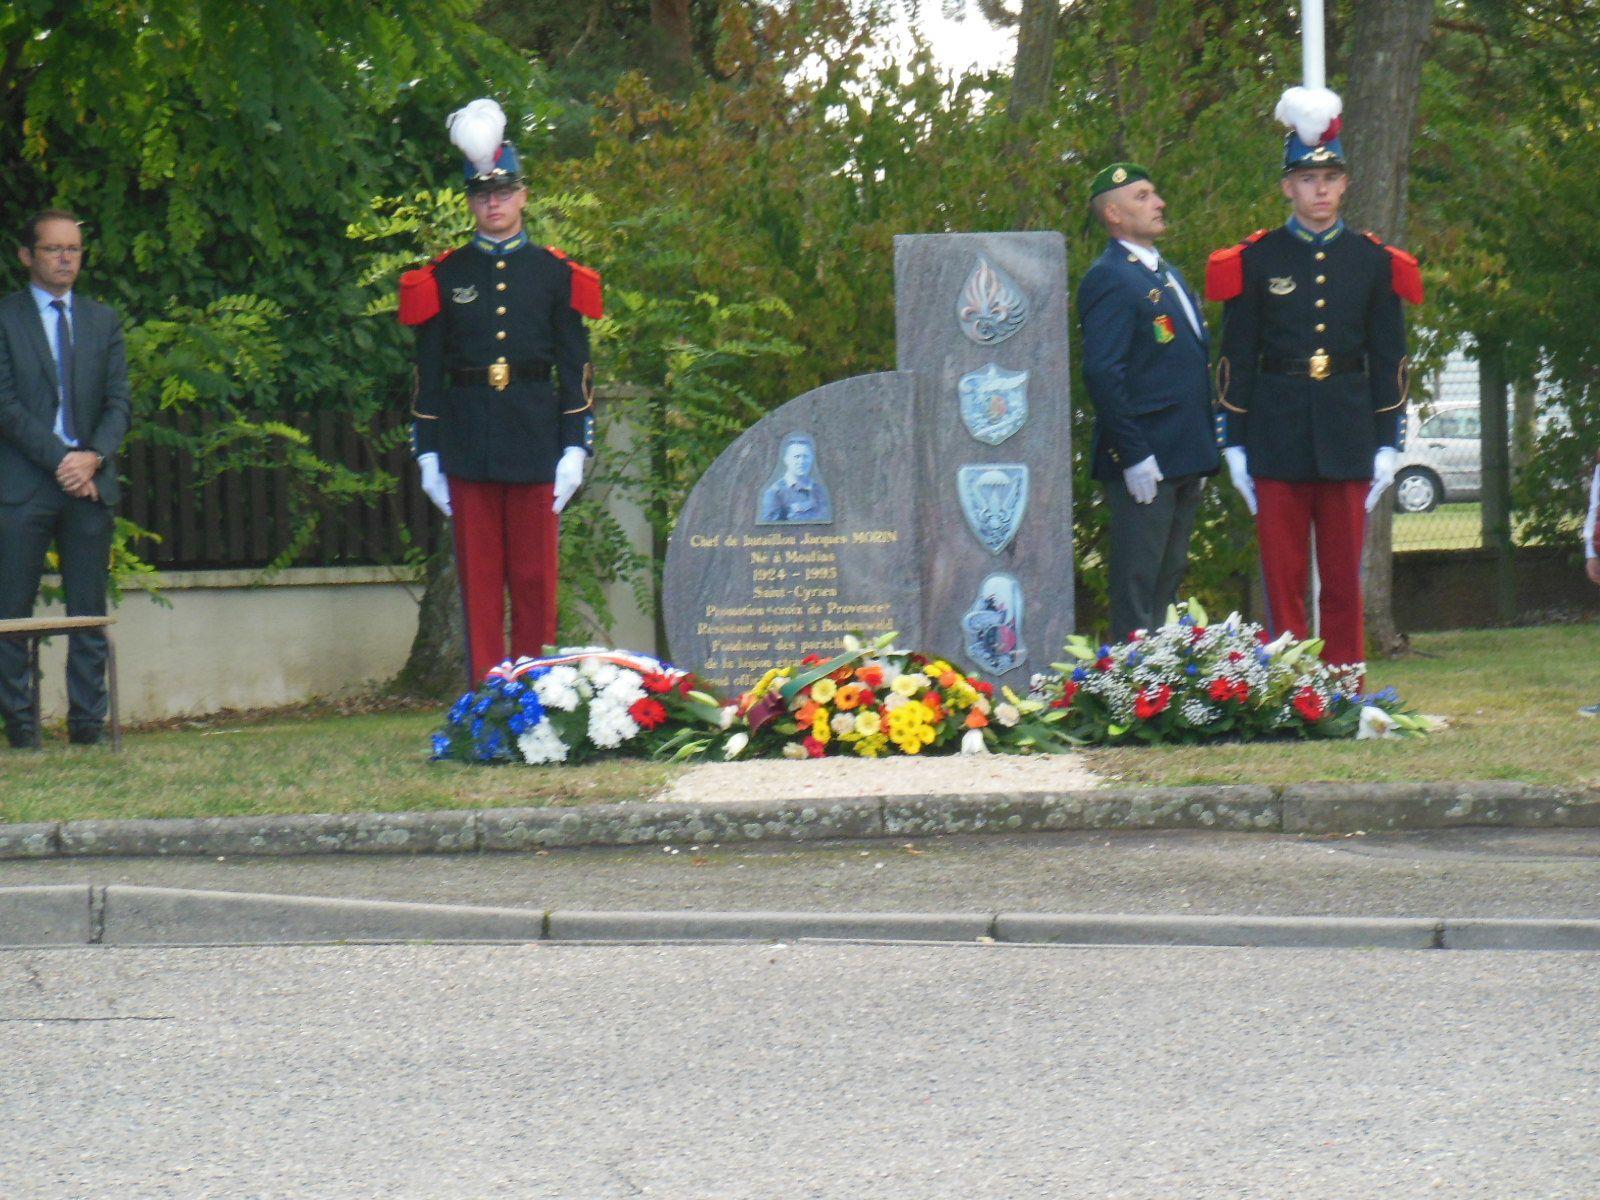 Photos de l'inauguration de la stèle à la mémoire du Chef de Bataillon Jacques Morin le samedi 16 septembre à Moulins